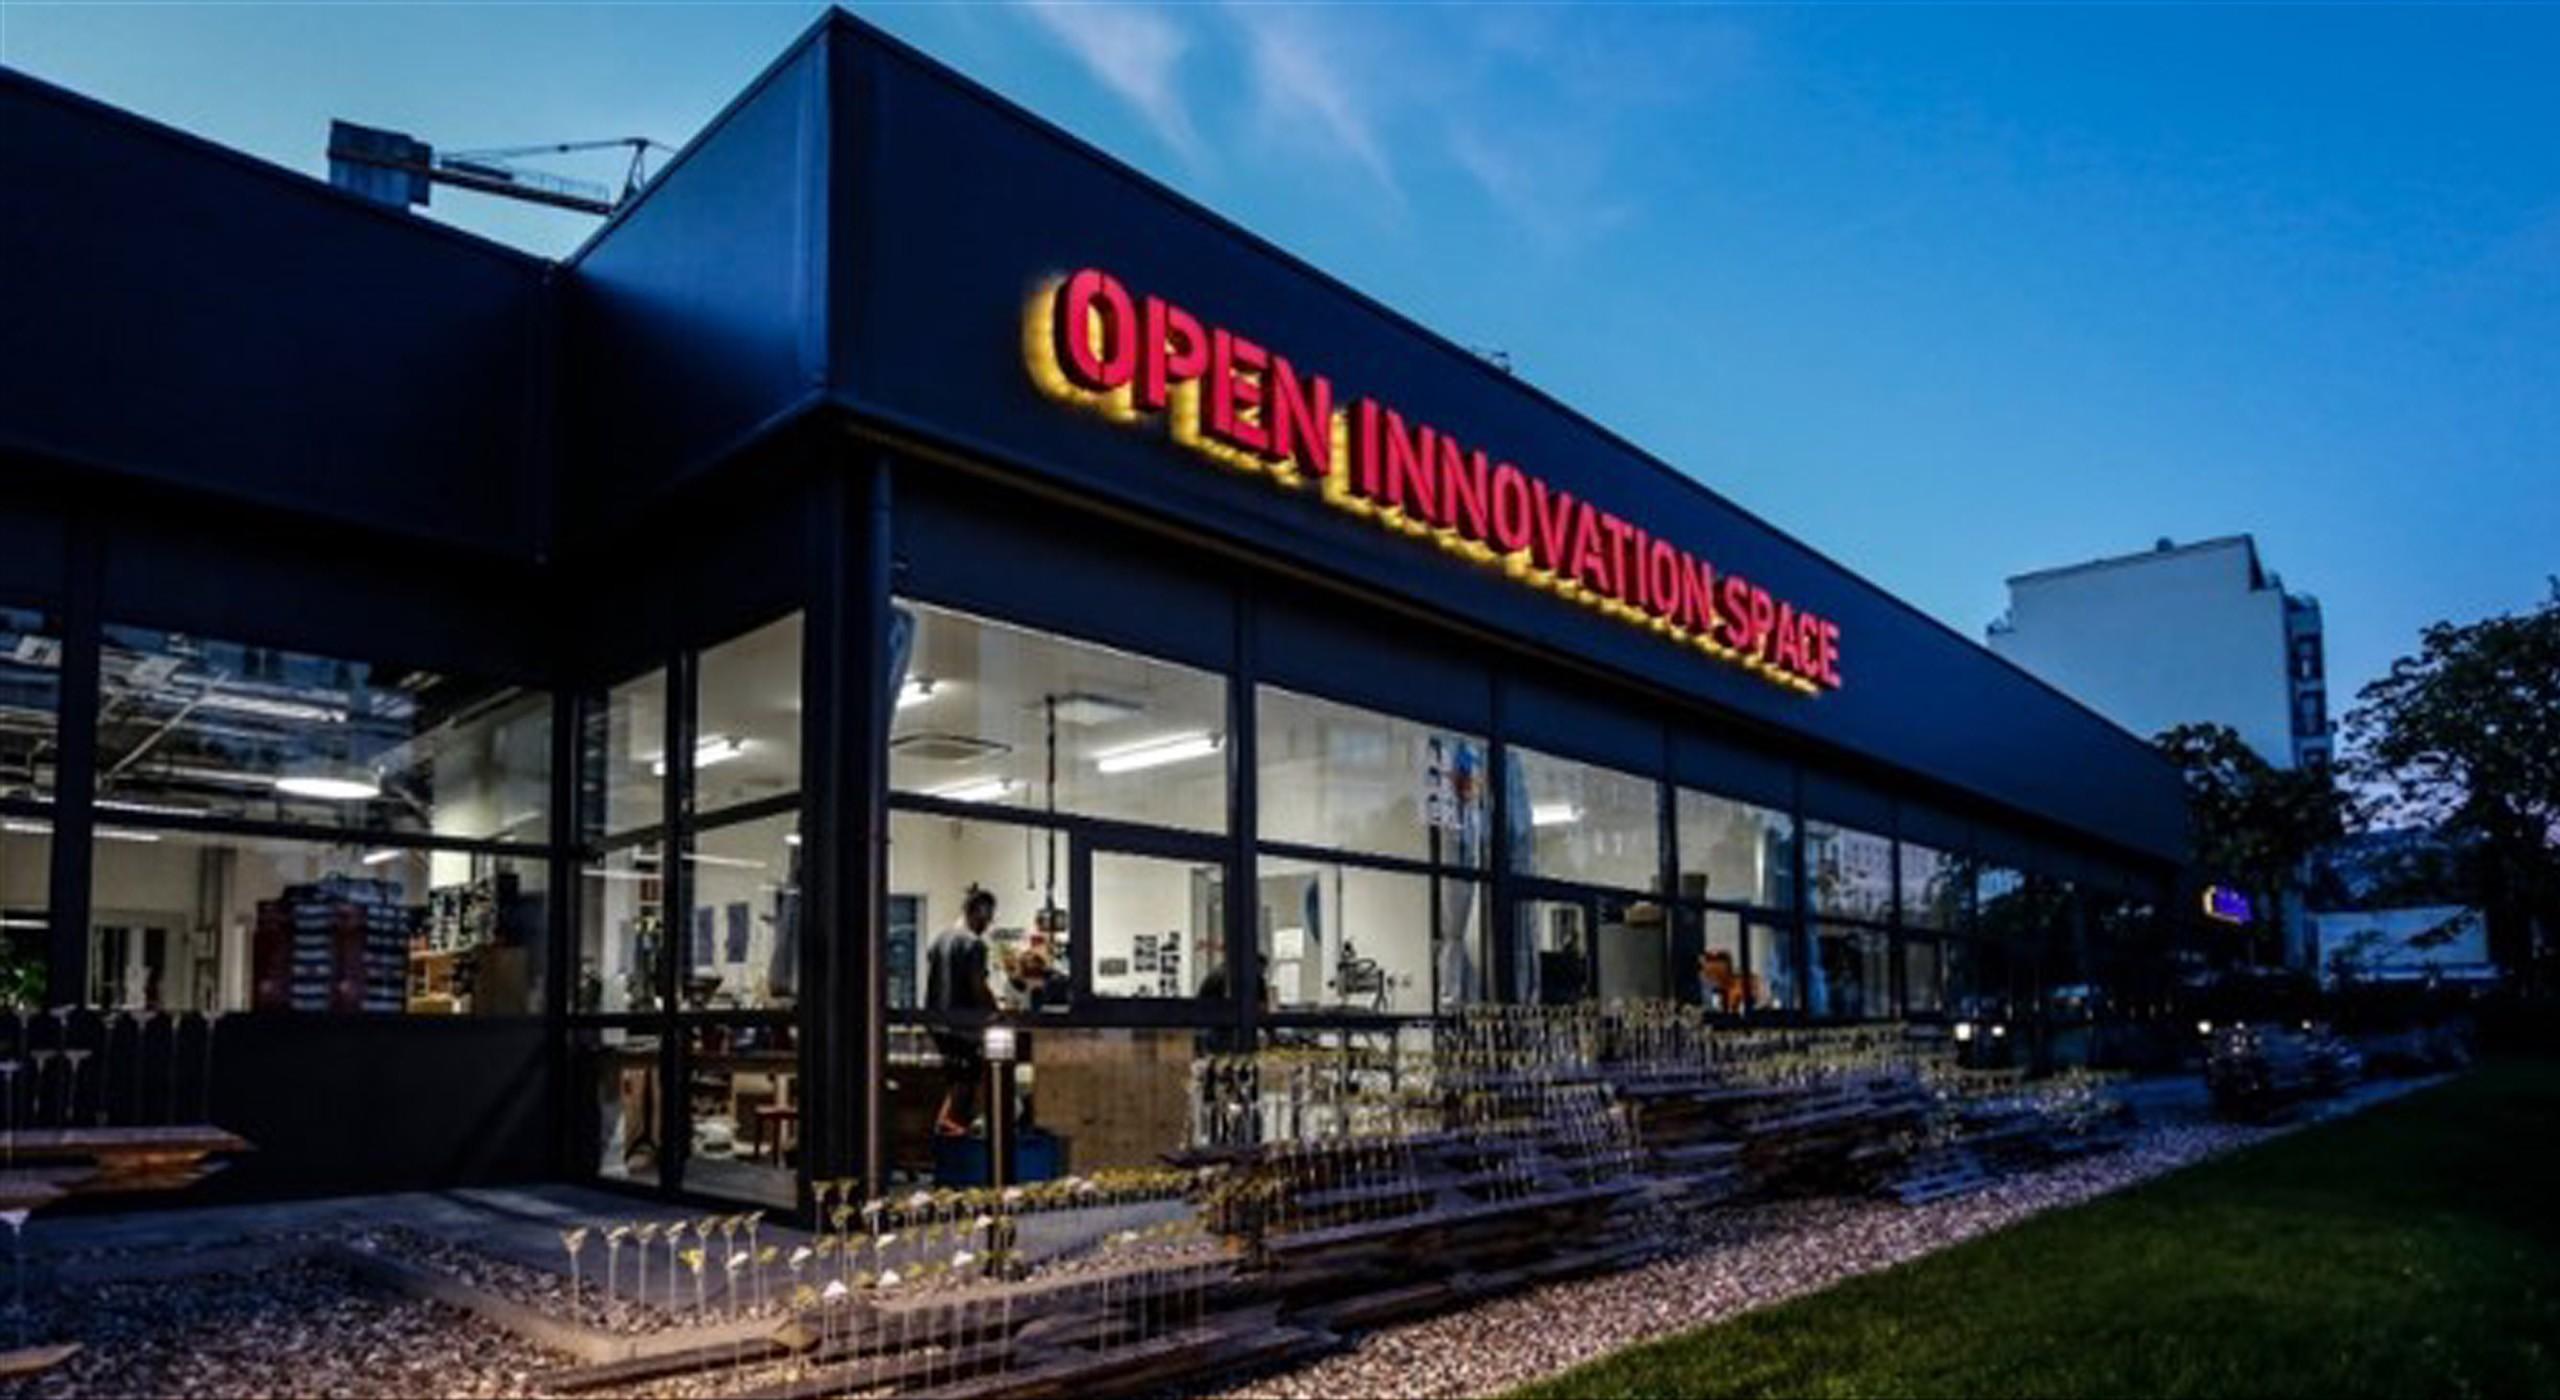 Außenaufnahme Open Innovation Space Bötzow Berlin am Abend